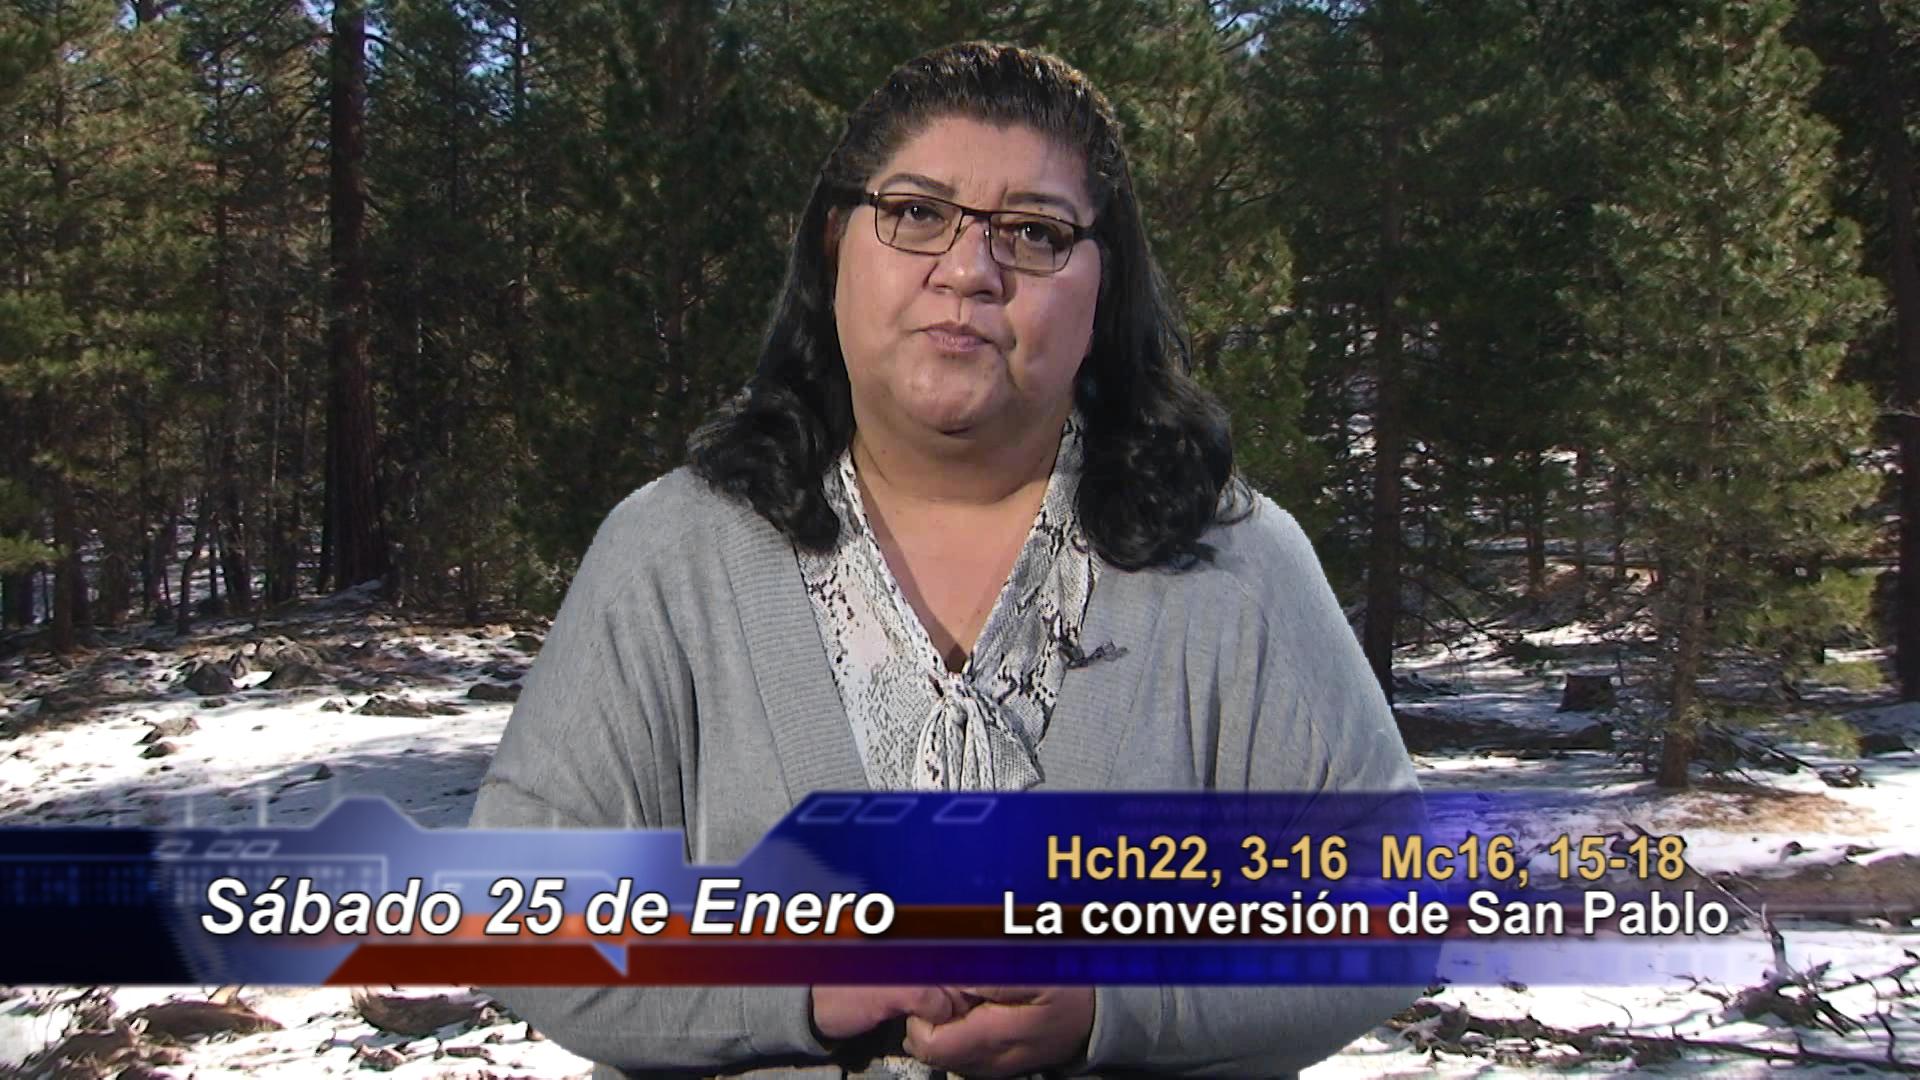 Artwork for Dios te Habla con  Maria de Lourdes Valencia; Tema: Conversión de San Pablo